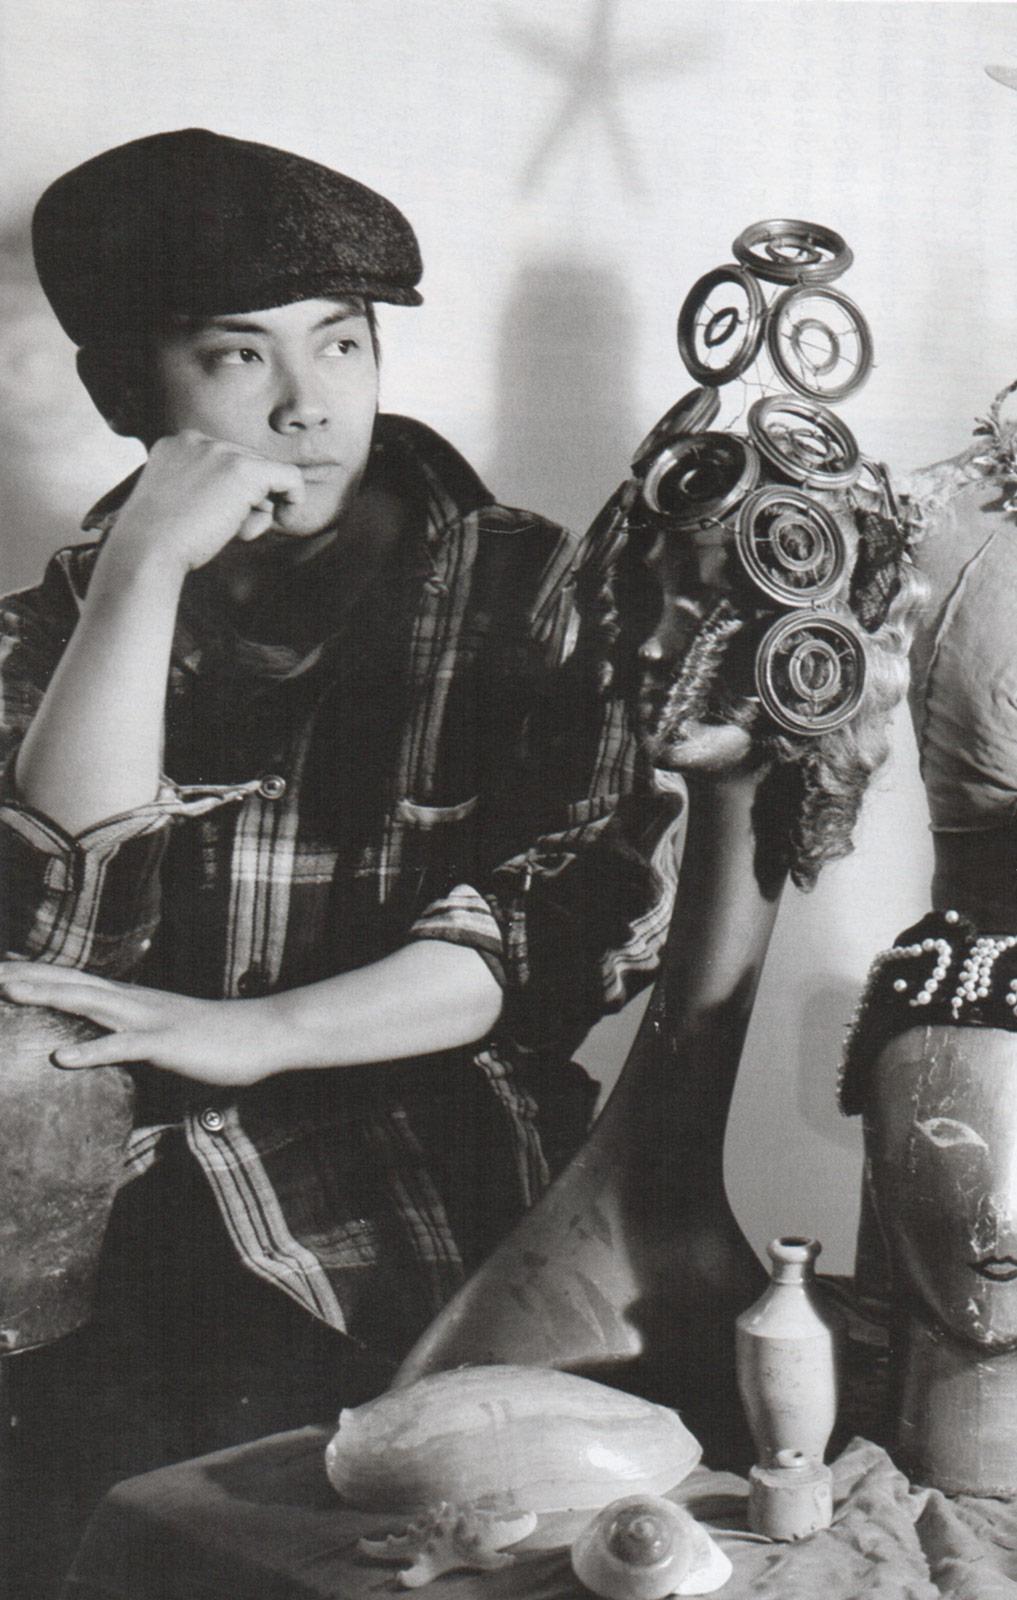 Tomihiro kono metalmagazine